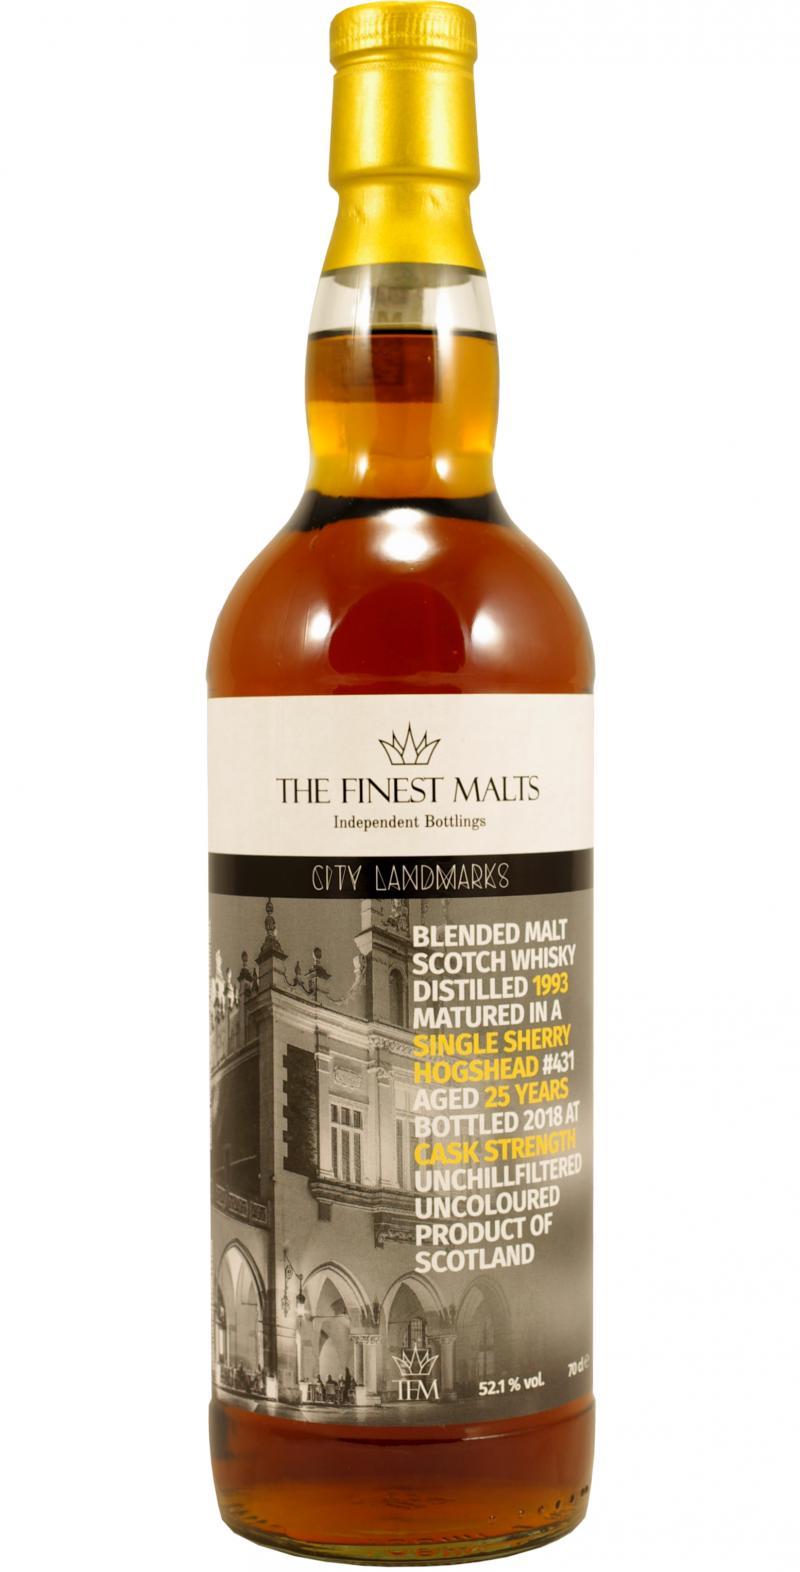 Blended Malt Scotch Whisky 1993 TFM